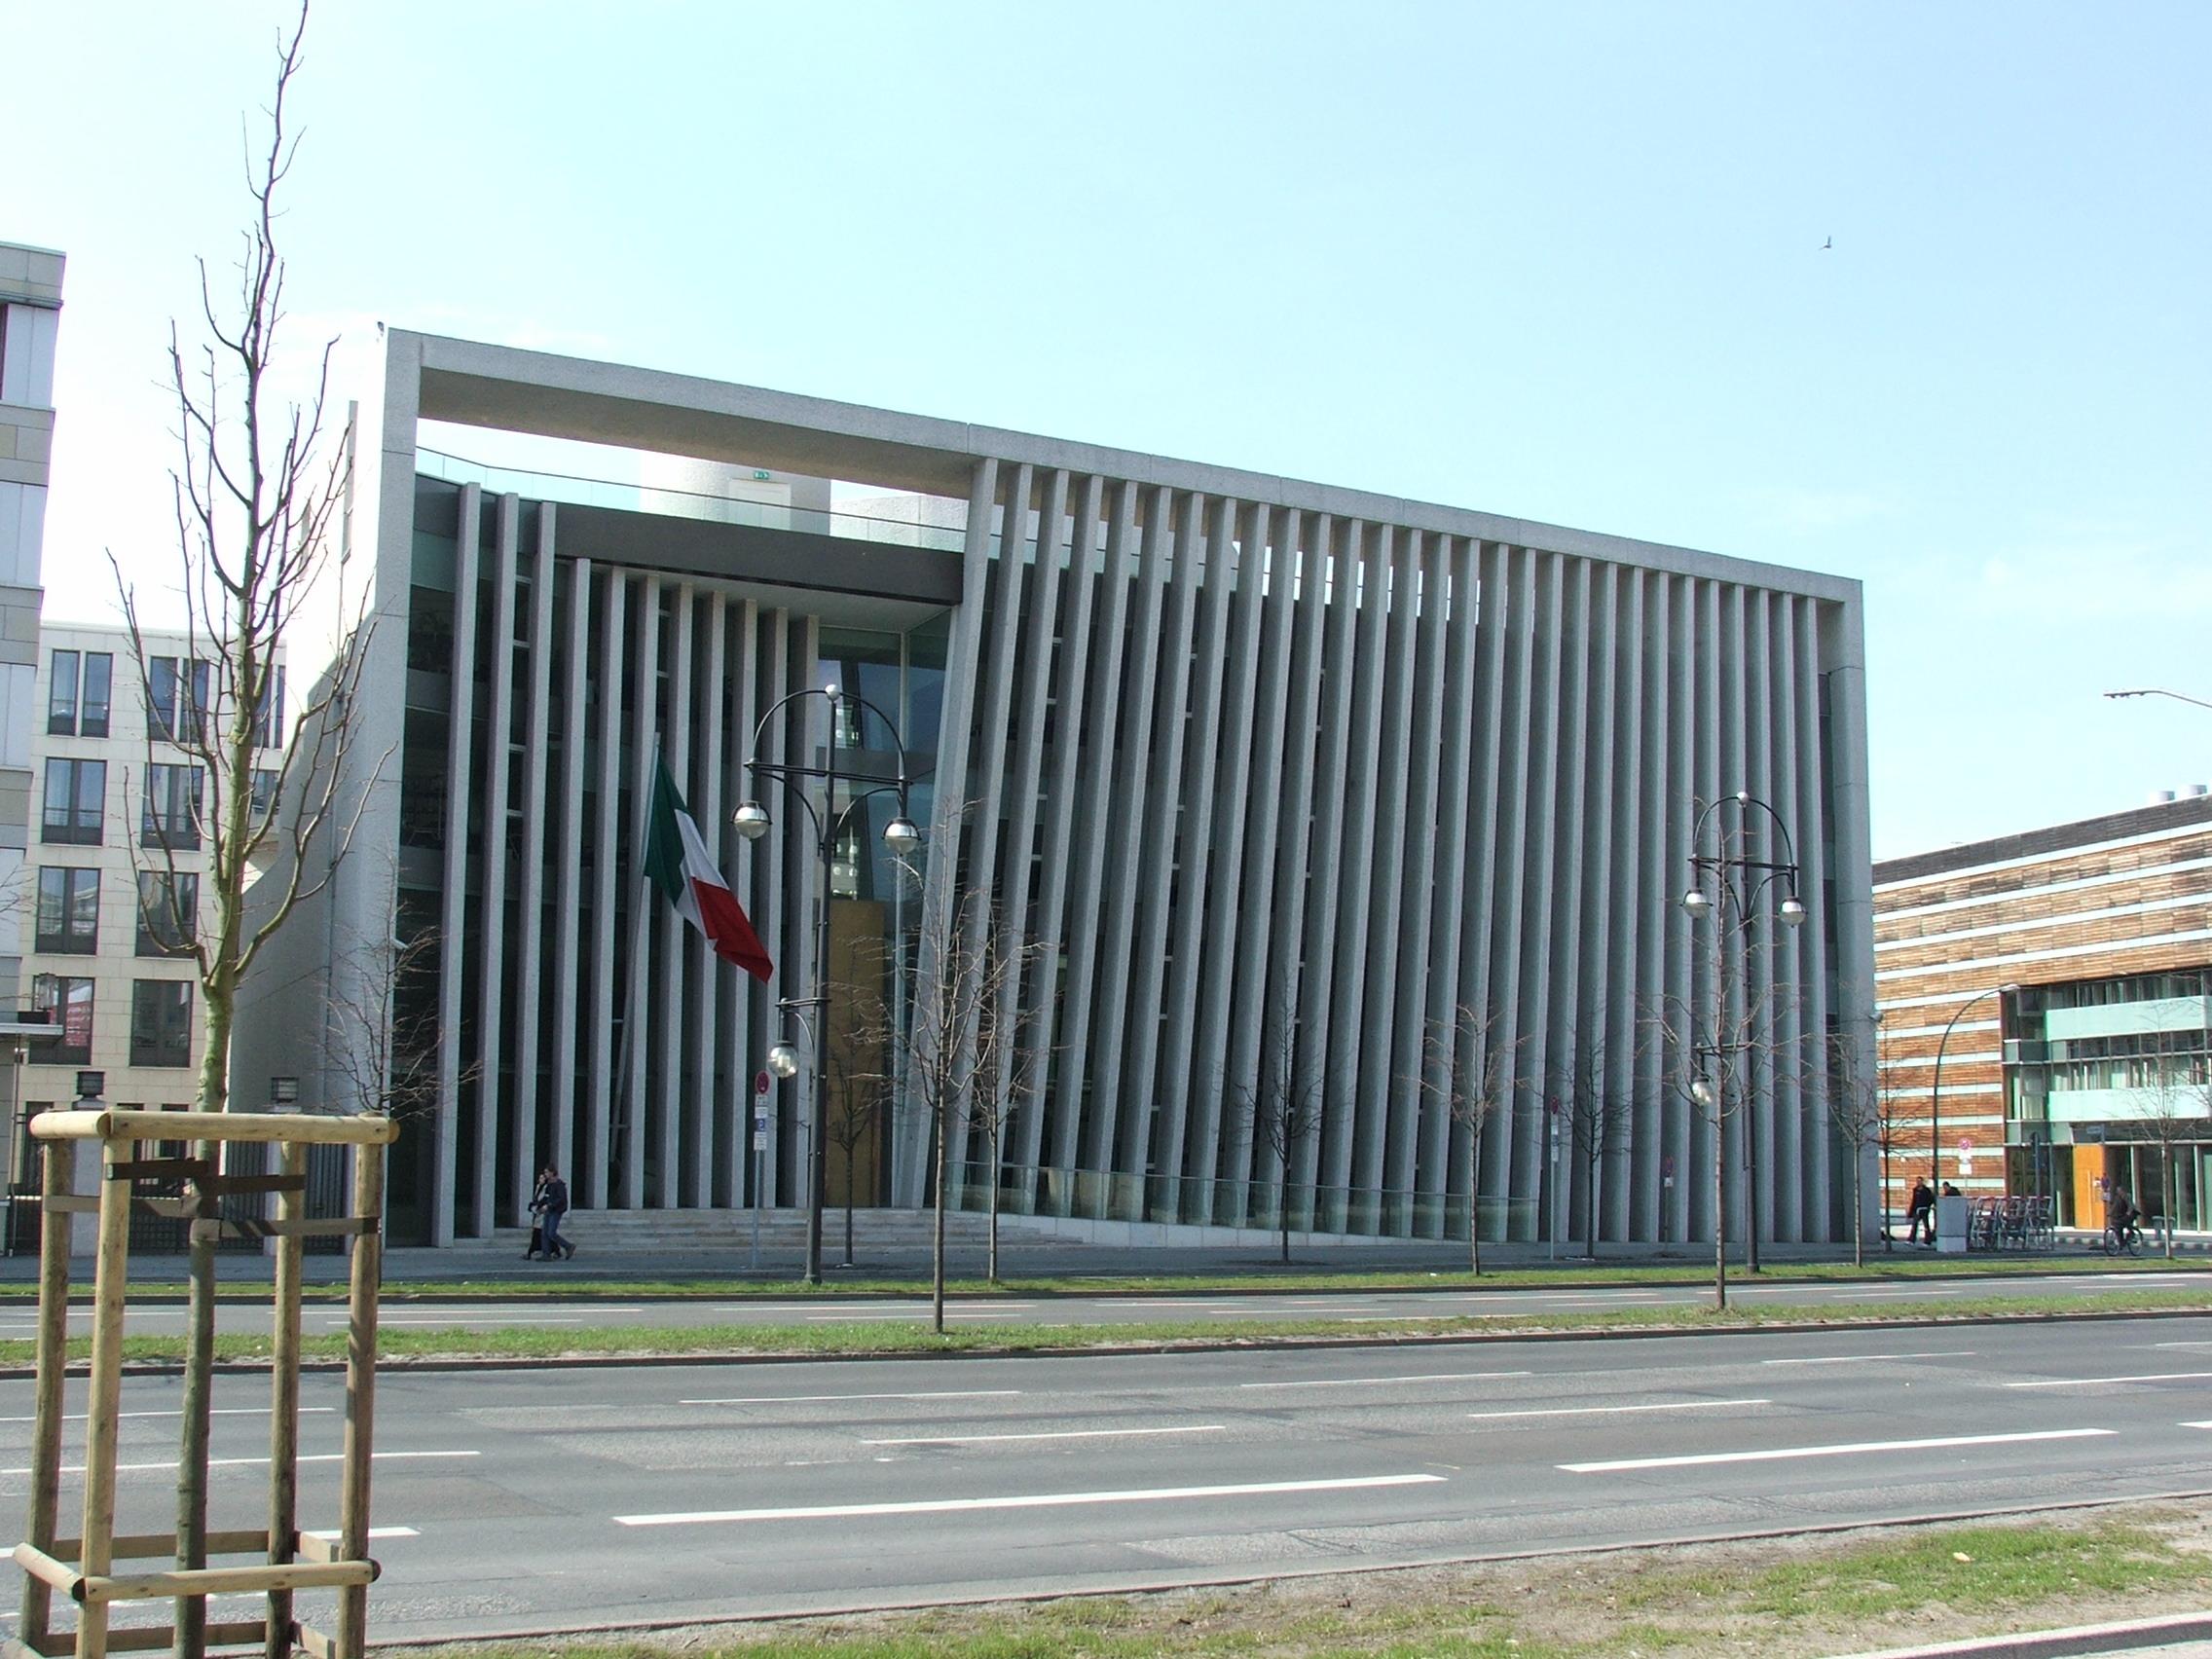 Bauten aus sichtbeton bauinformant bloggt beton - Bekannte architekten ...